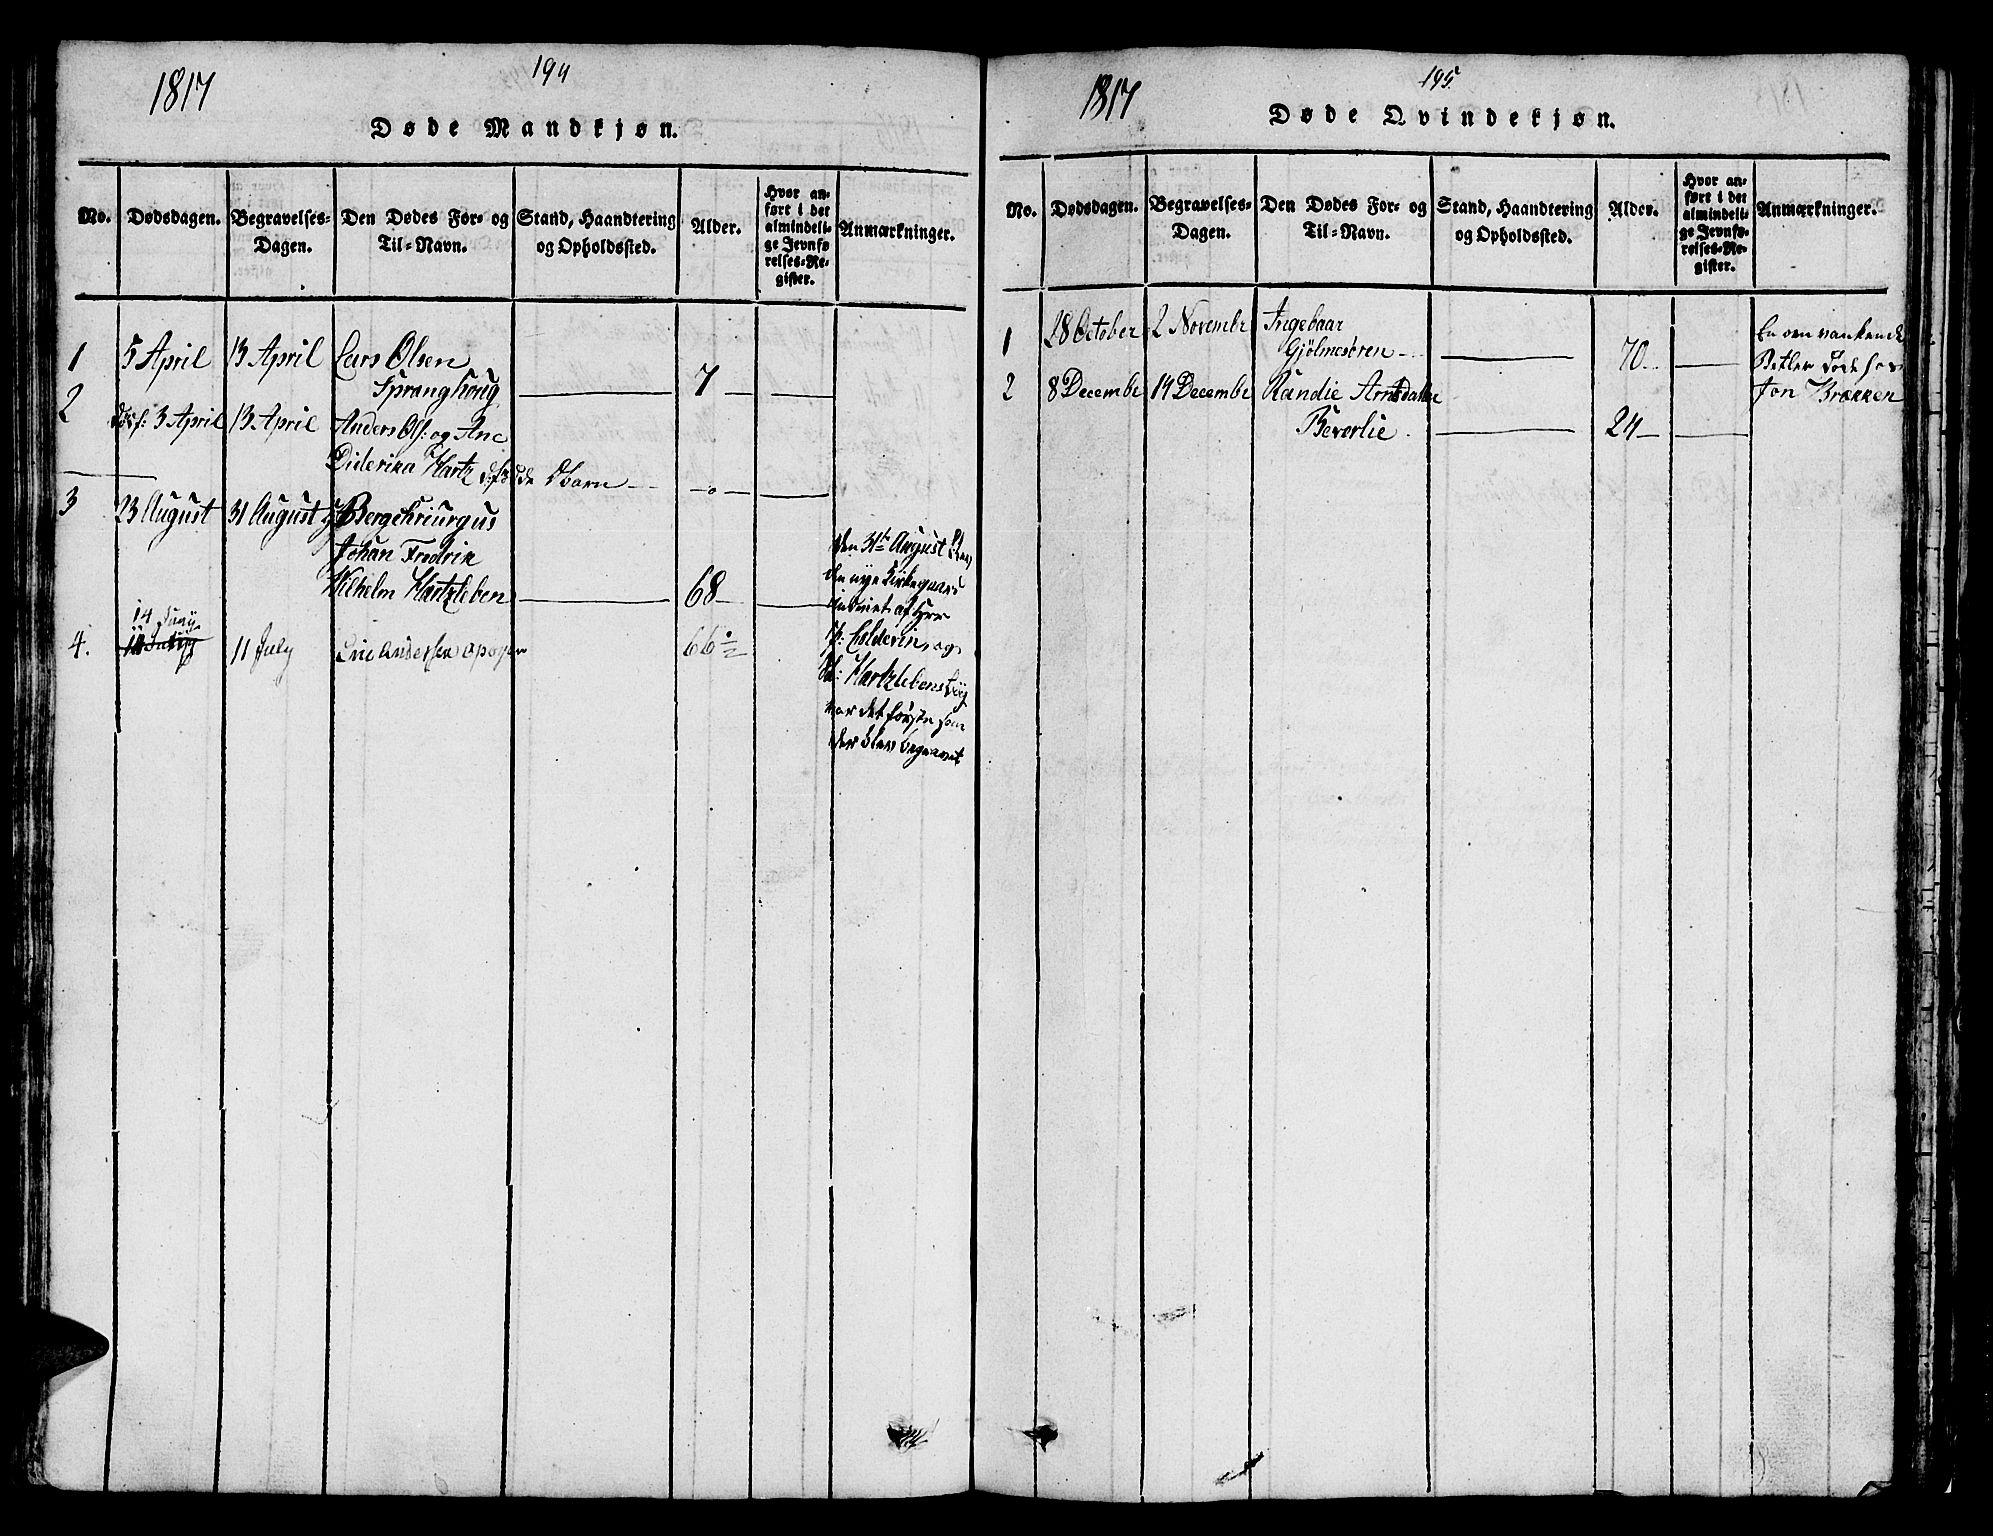 SAT, Ministerialprotokoller, klokkerbøker og fødselsregistre - Sør-Trøndelag, 671/L0842: Klokkerbok nr. 671C01, 1816-1867, s. 194-195